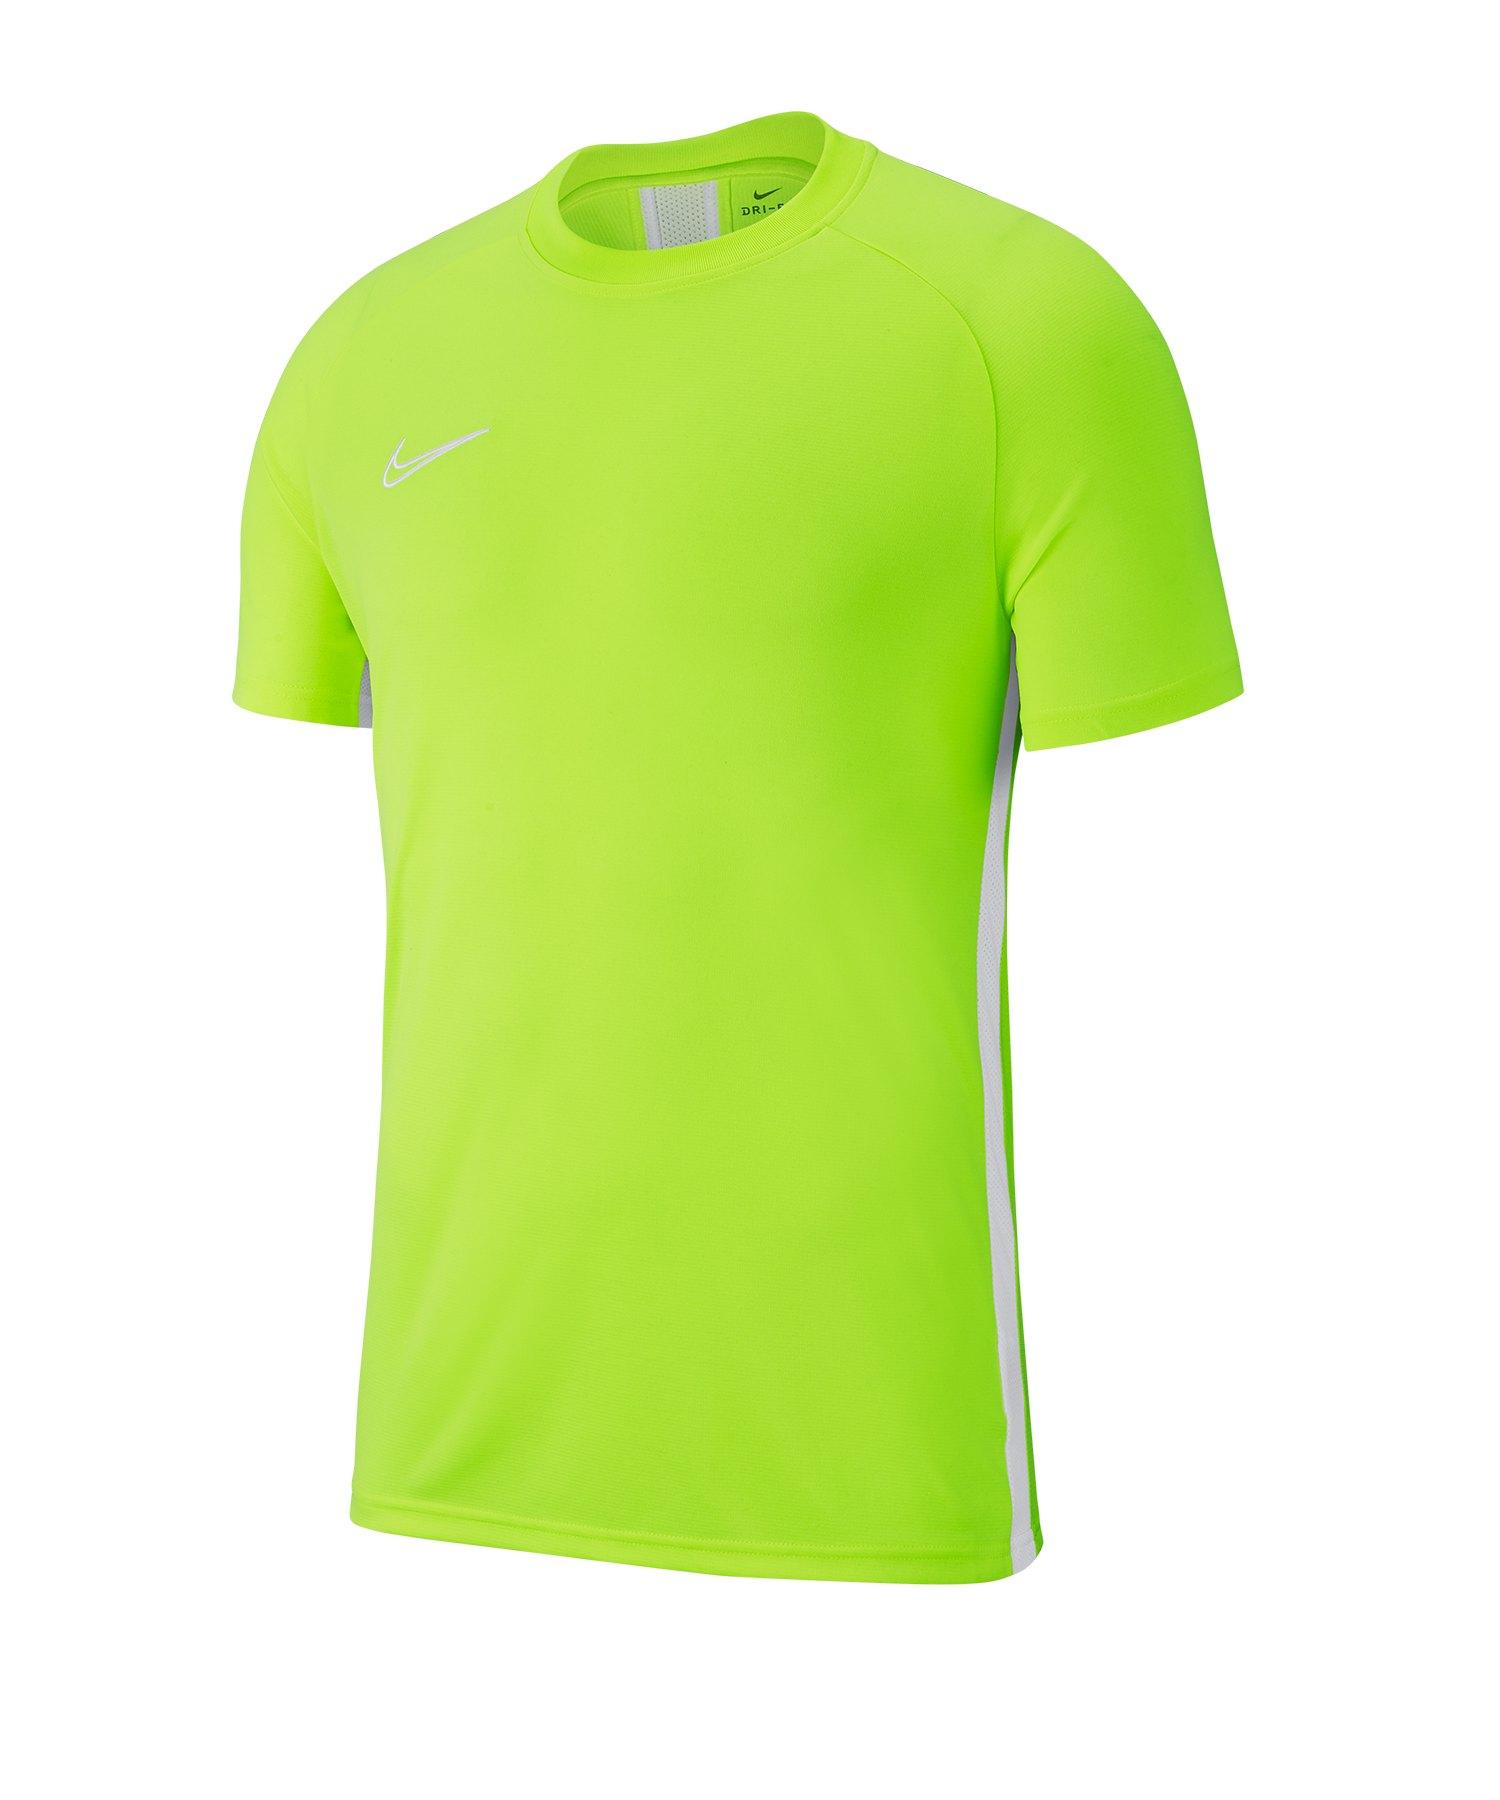 Nike Academy 19 Trainingstop T-Shirt Gelb F702 - gelb